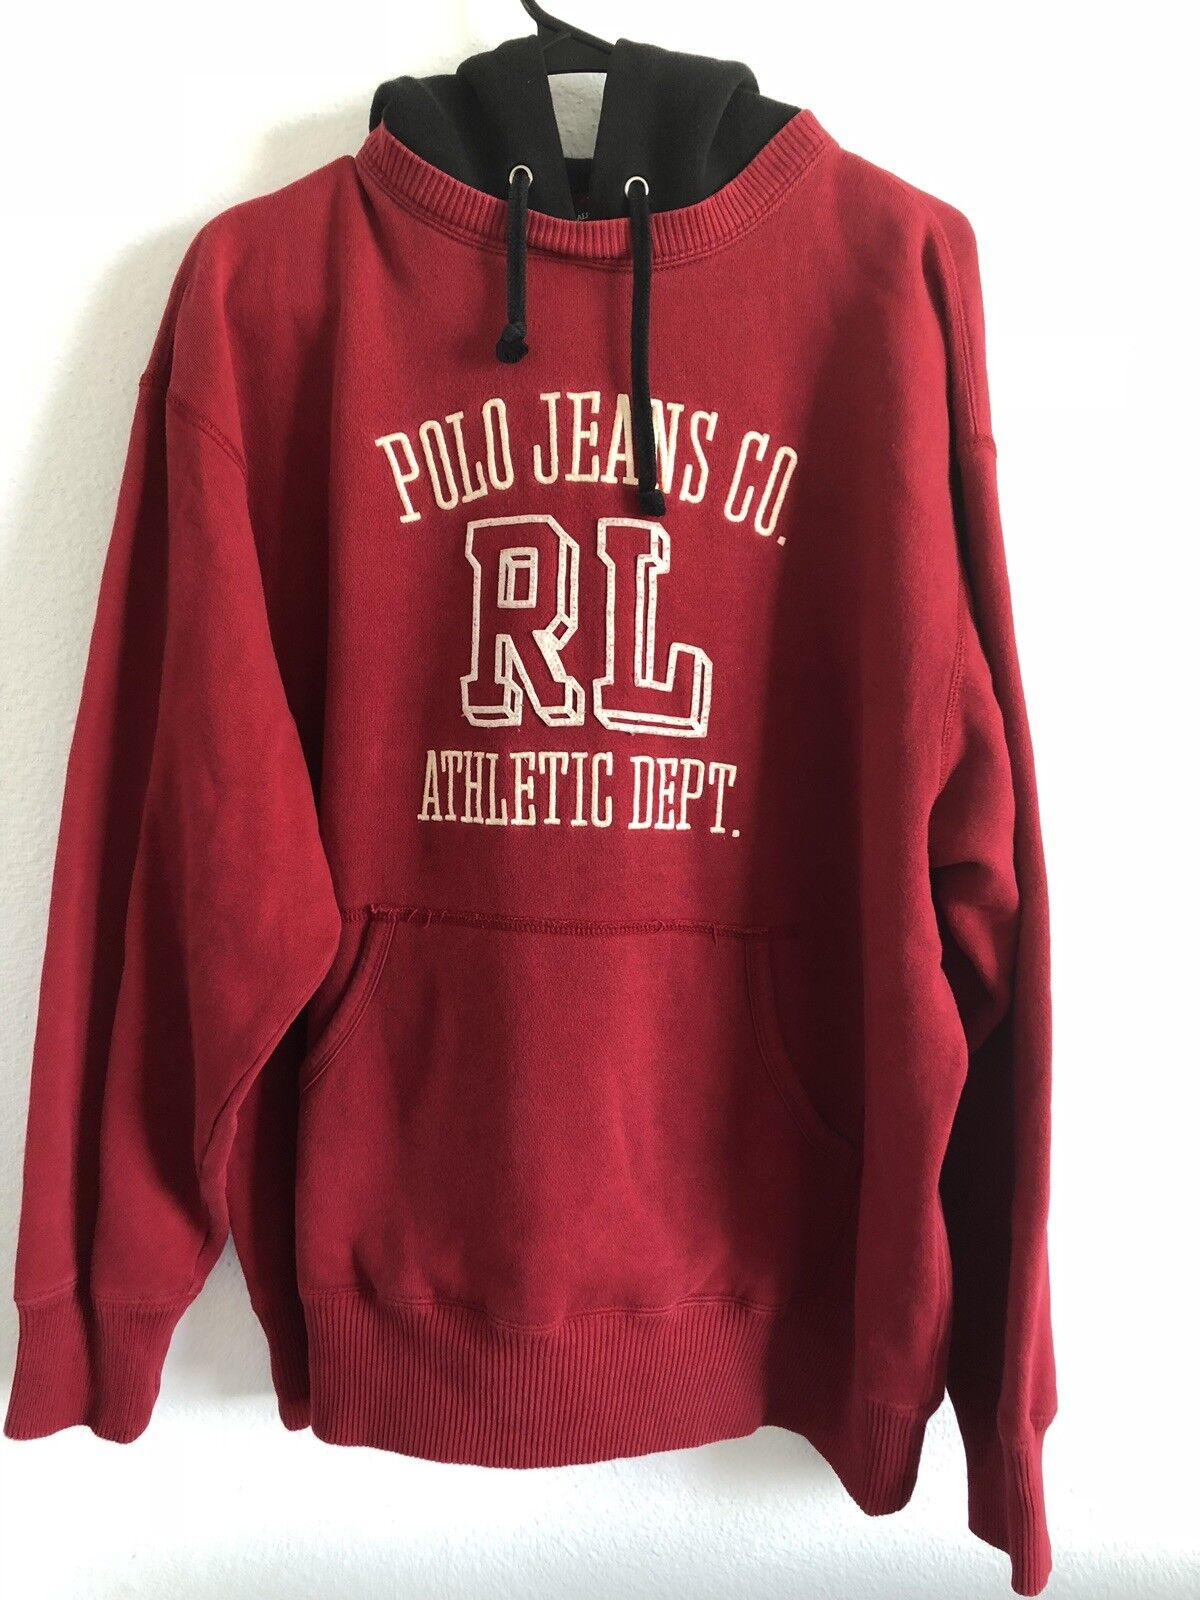 VTG. POLO JEANS CO RALPH LAUREN ATHLETE DEPT  Herren ROT Pullover Hooded Sweater L